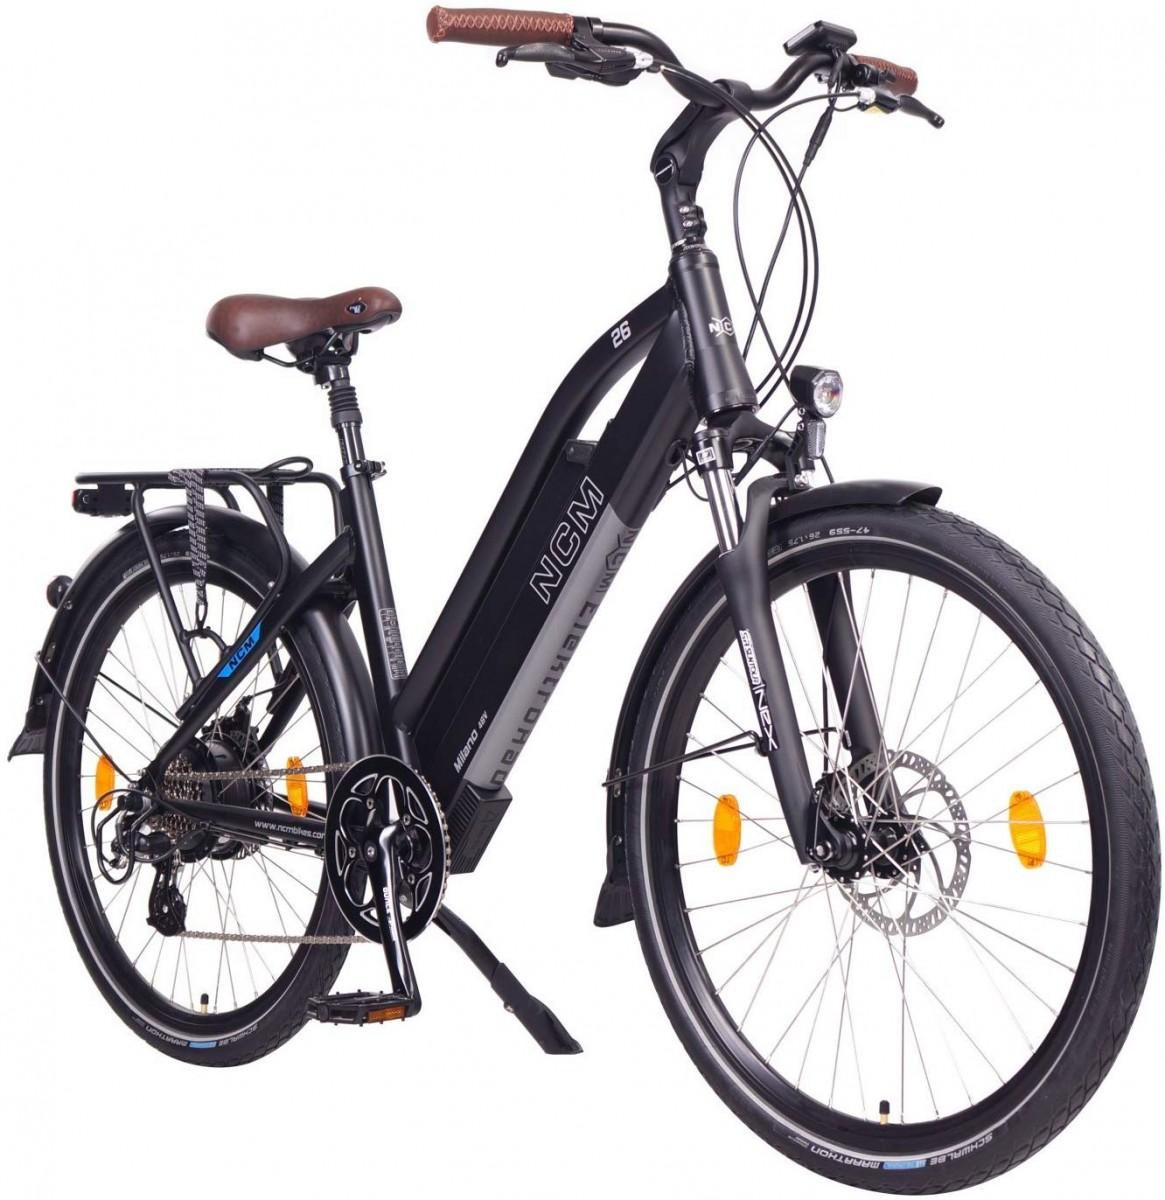 NCM-Milano-Bicicletta-elettrica Bici elettrica NCM, Milano